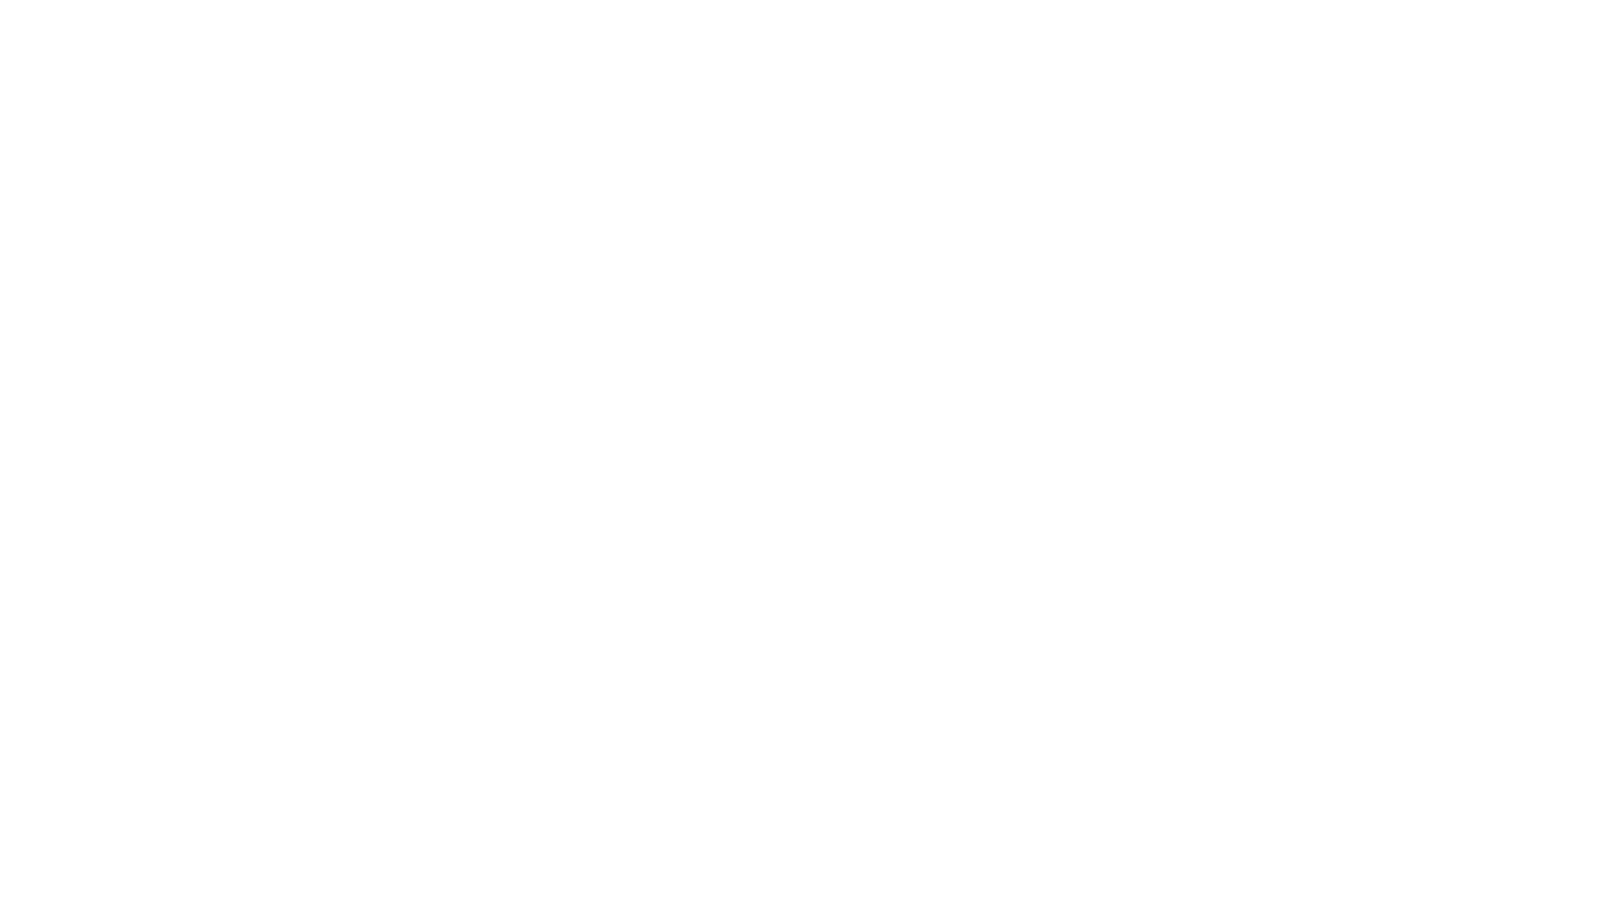 Selamat Datang di Ibadah Online GKT New Life Community Church! Terima kasih sudah mengikuti Ibadah Online kami. Jika dari Bapak/Ibu/Sdr ada yang membutuhkan informasi lebih lanjut, dapat menghubungi gereja kami dengan keterangan di bawah ini:   GKT New Life Community Church - Semarang Jl. MT Haryono 523, Semarang  Ibadah Raya I pk 07.00 (dengan live streaming),  Ibadah Raya II pk 10.00,  Ibadah Raya III pk 17.00  Telp: +6224 8316789    Fax: +6224 8444686 Website: https://www.gktnewlife.org Email: gktsmg@gmail.com Instagram: https://www.instagram.com/gktnewlife Youtube Channel: GKT NLCC SMG  Tuhan Yesus Memberkati!